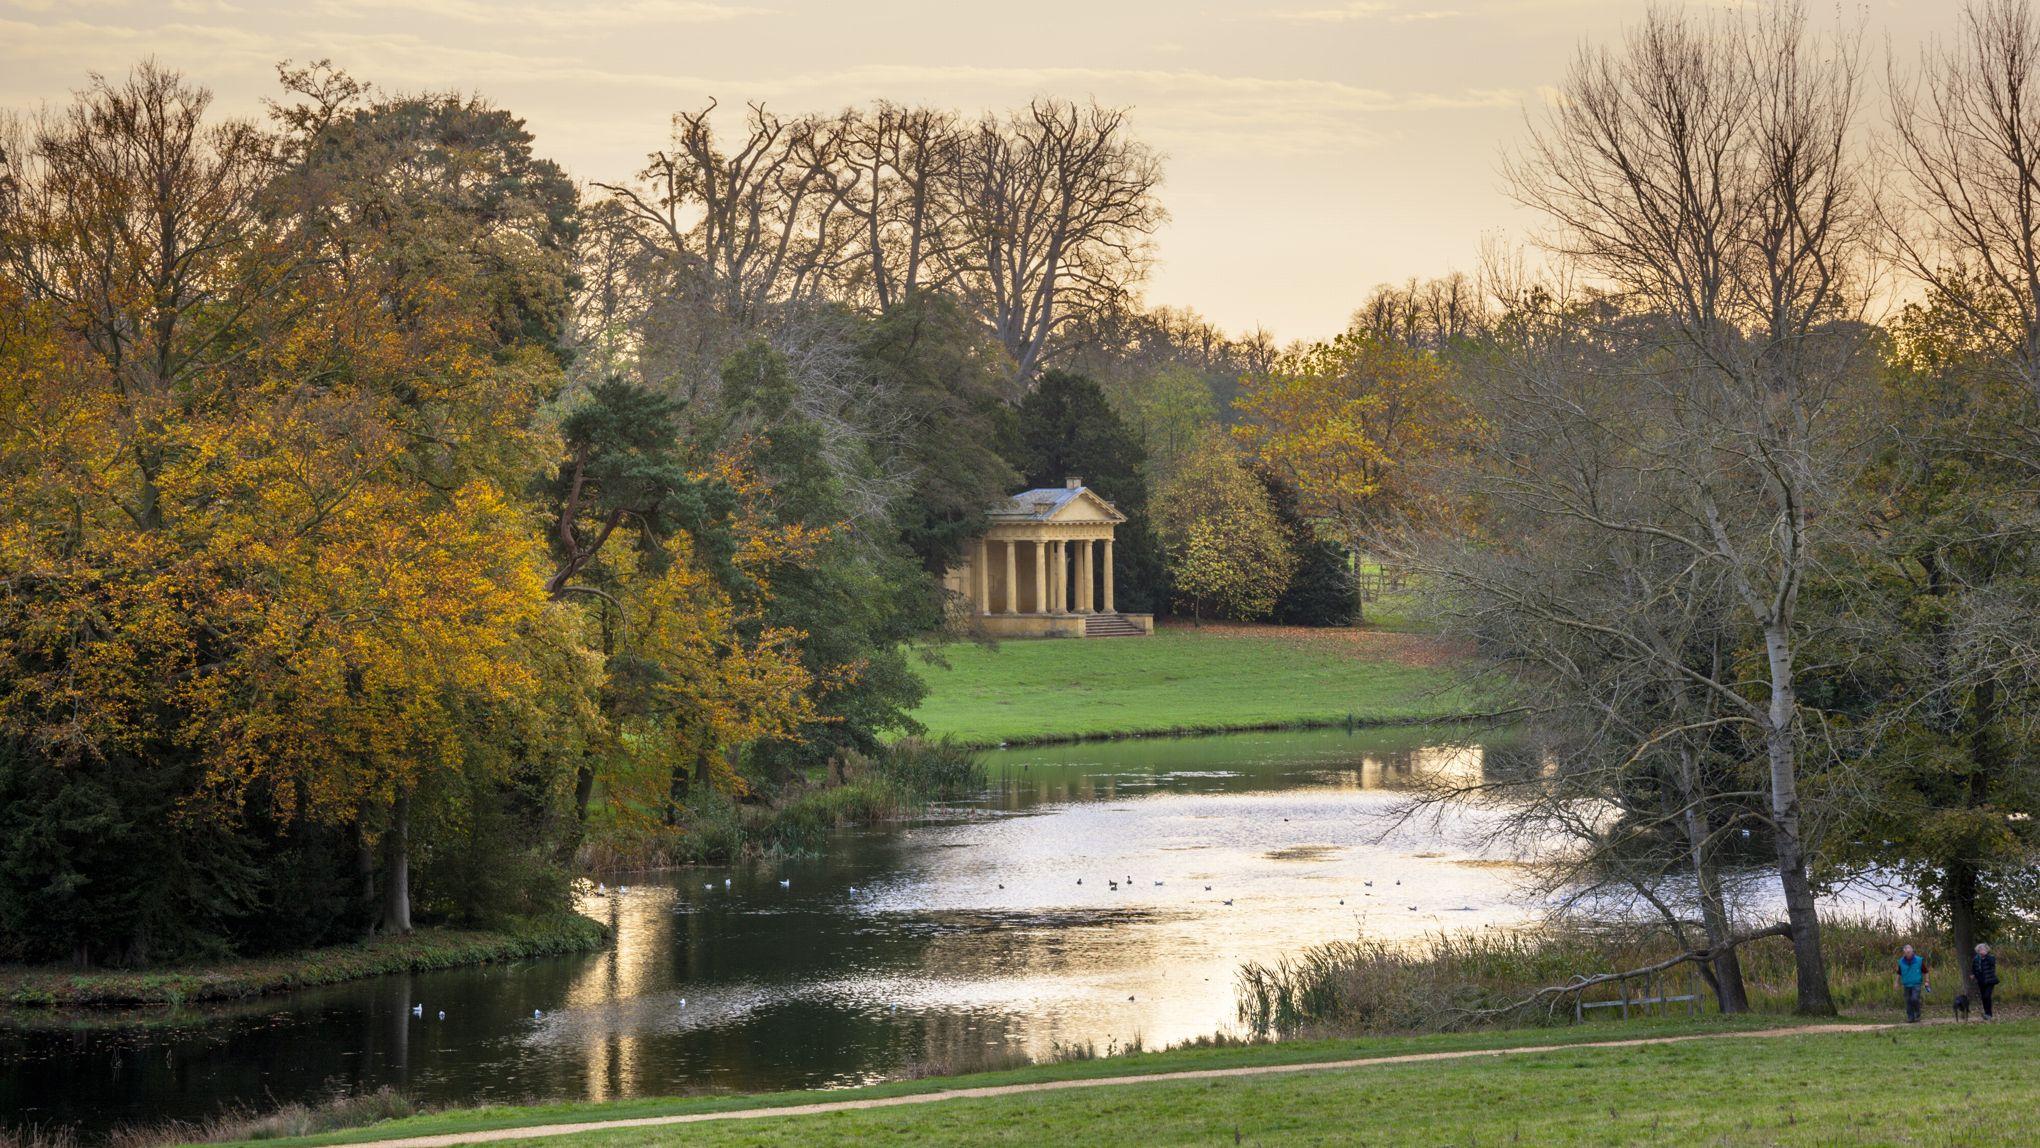 En 2016 les anglais f tent le jardin leur passion nationale for Jardin d aywiers 2016